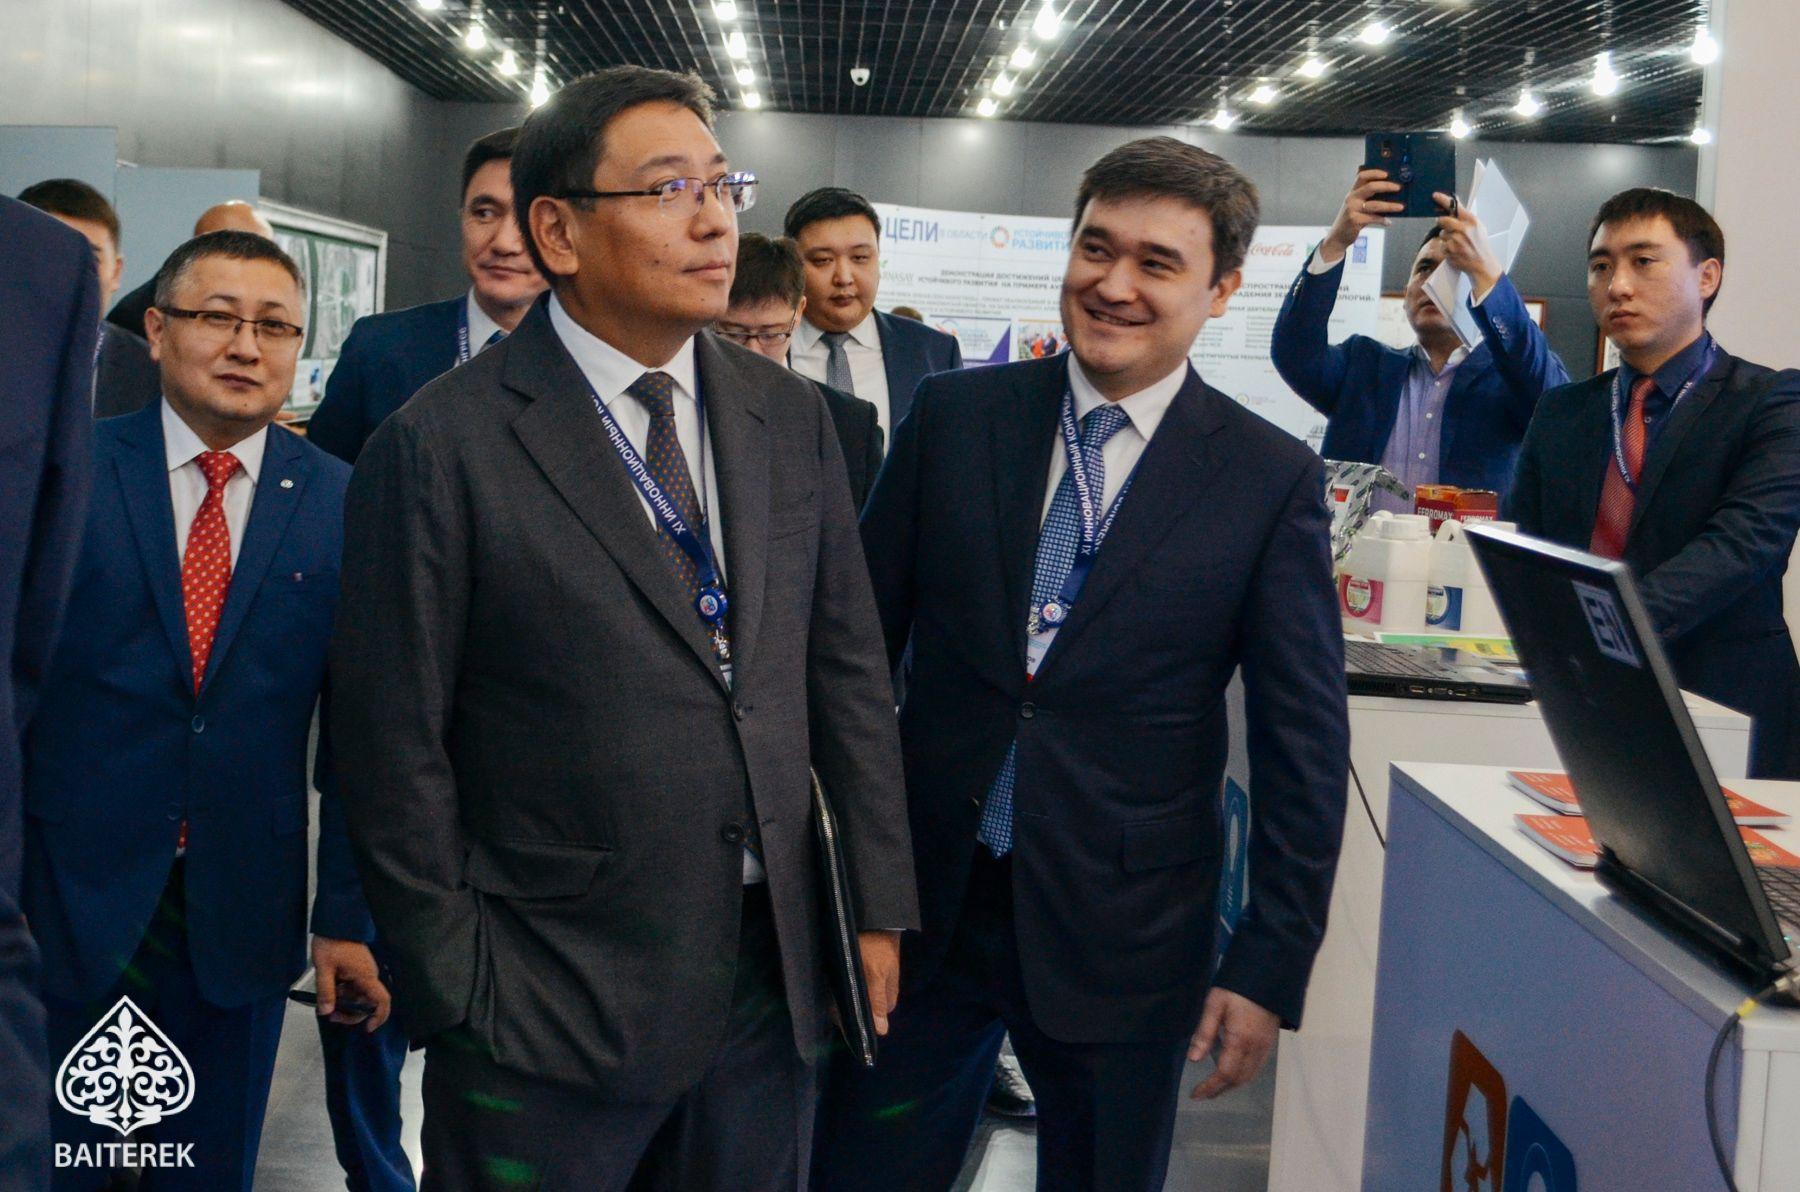 Ерболат Досаев выступил наXI Инновационном конгрессе вАстане- Kapital.kz